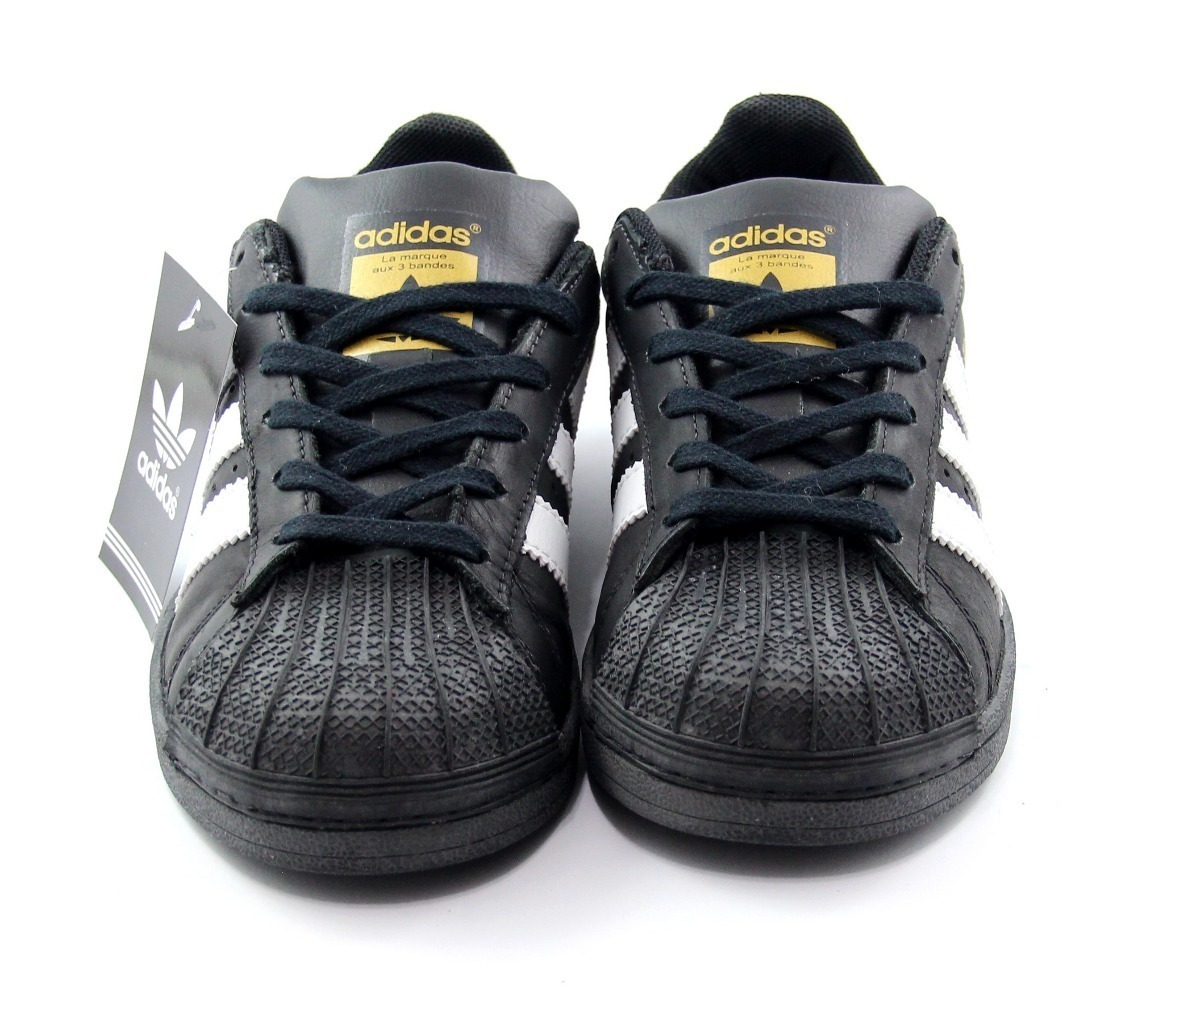 2841c3ff3 tênis adidas superstar preço baixo original frete gratis. Carregando zoom.